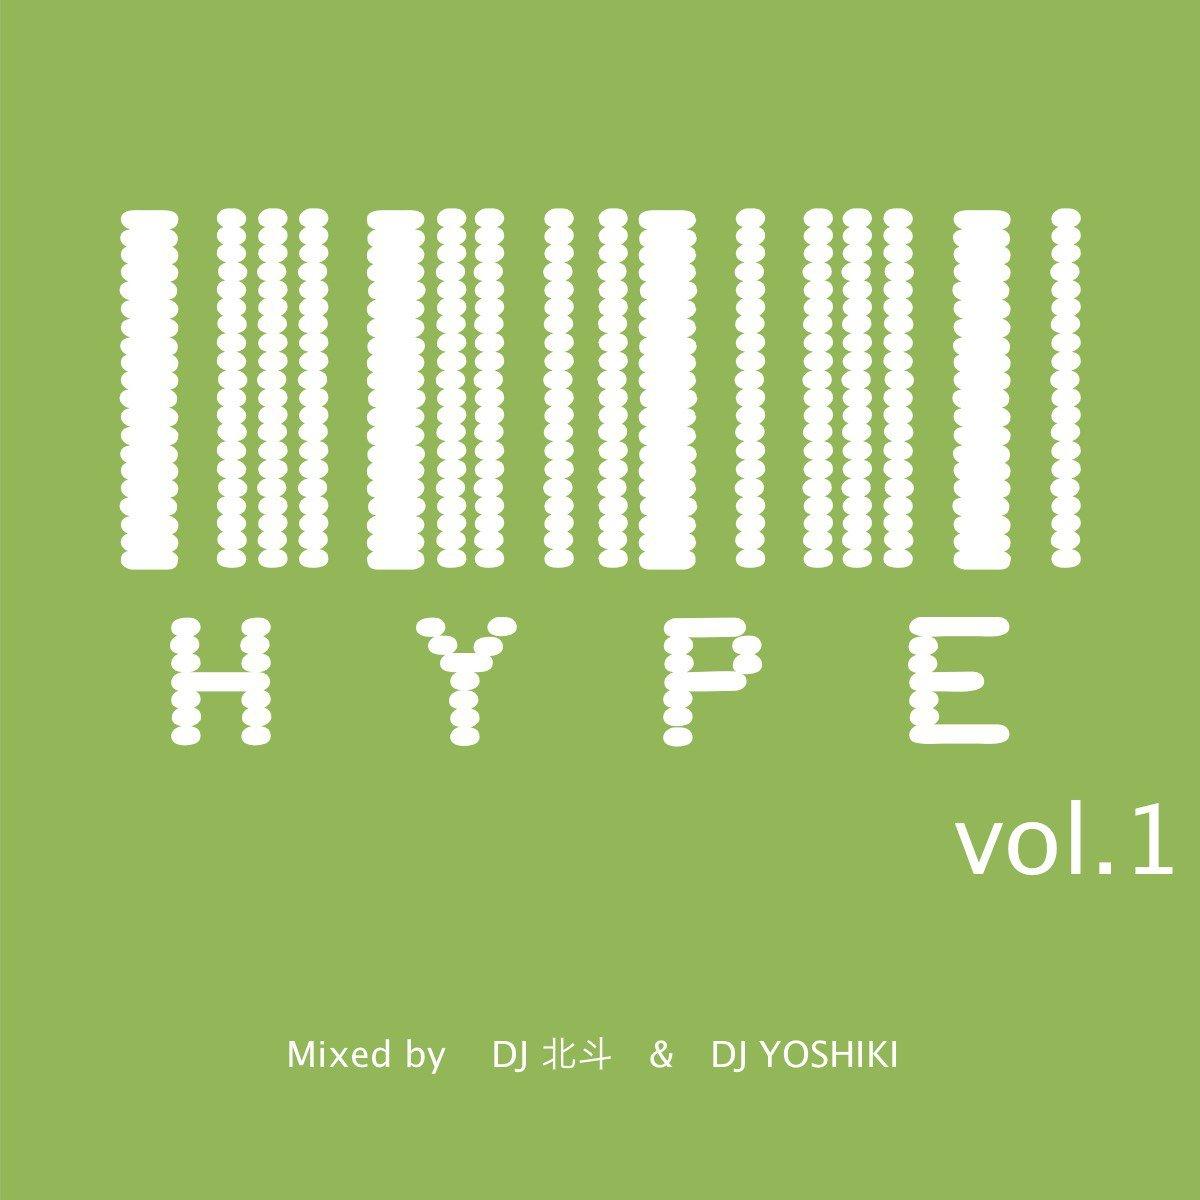 HYPE  VOL.3  (2k17.7.1 @LUZ69)_e0115904_05230329.jpg